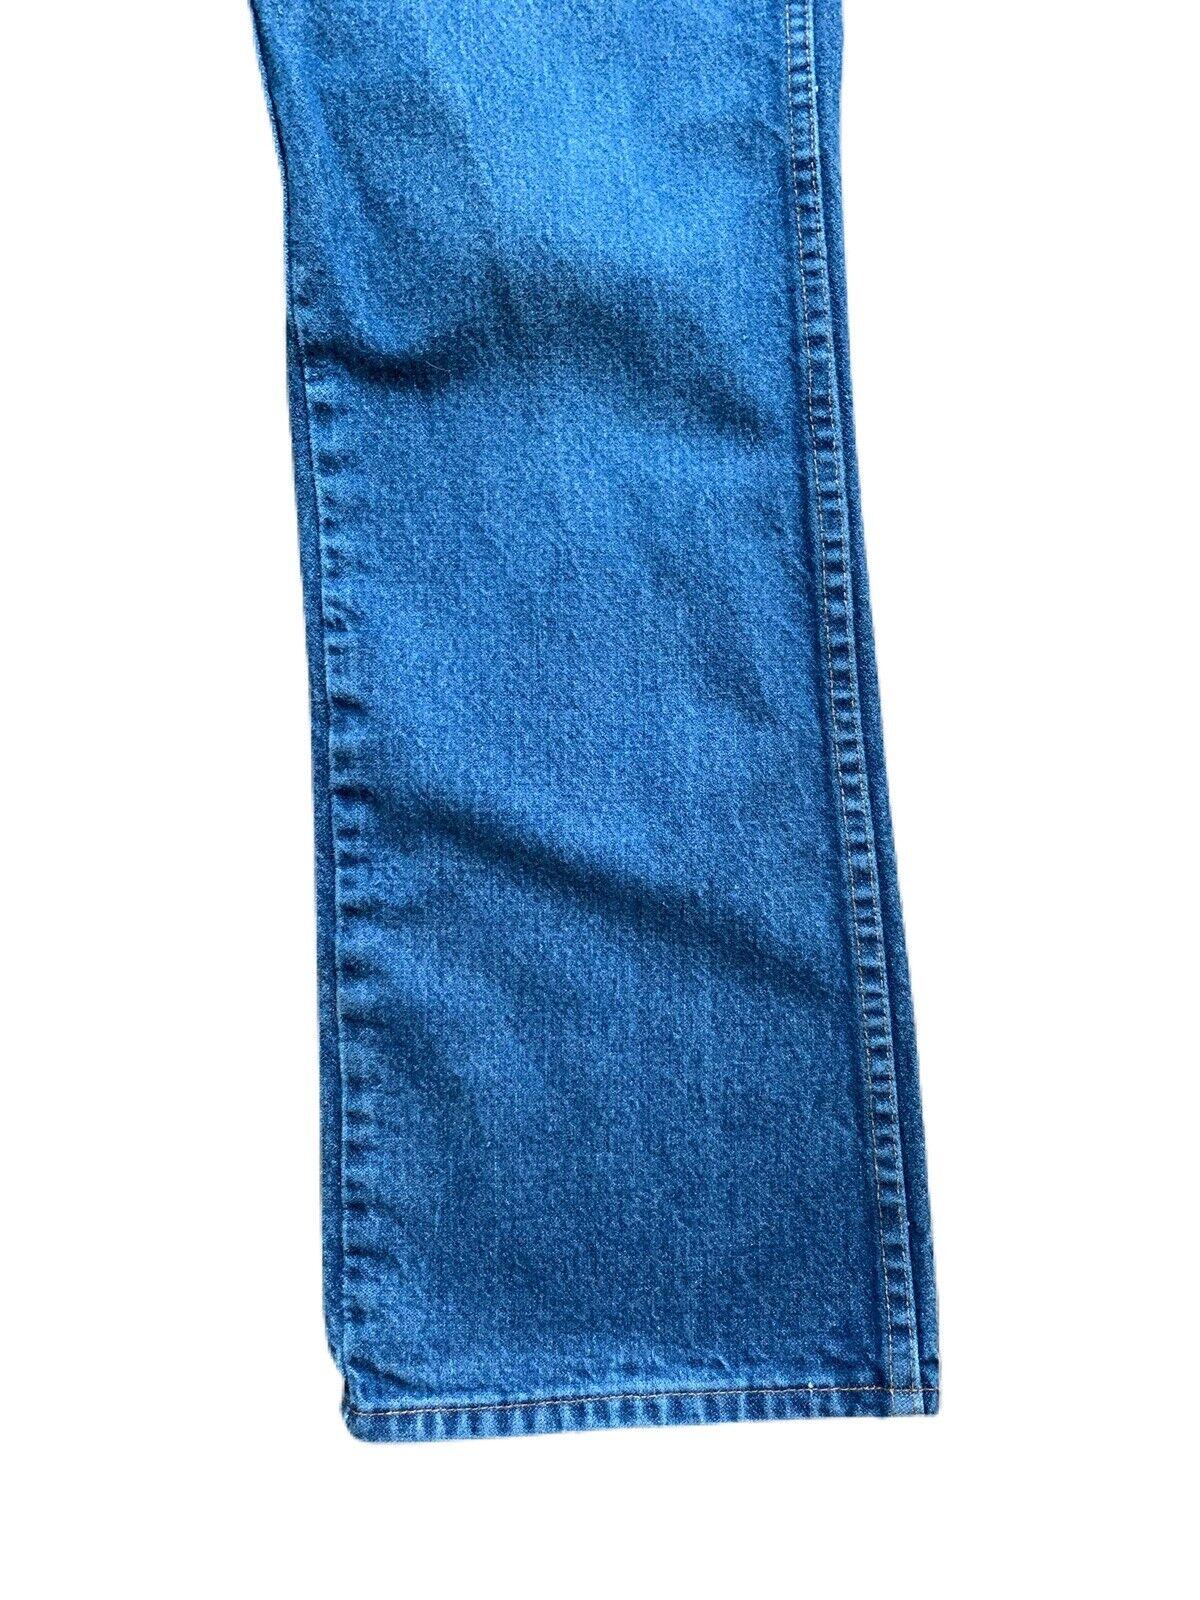 Wrangler Jeans Vintage Wrangler Jeans Wrangler Hi… - image 10